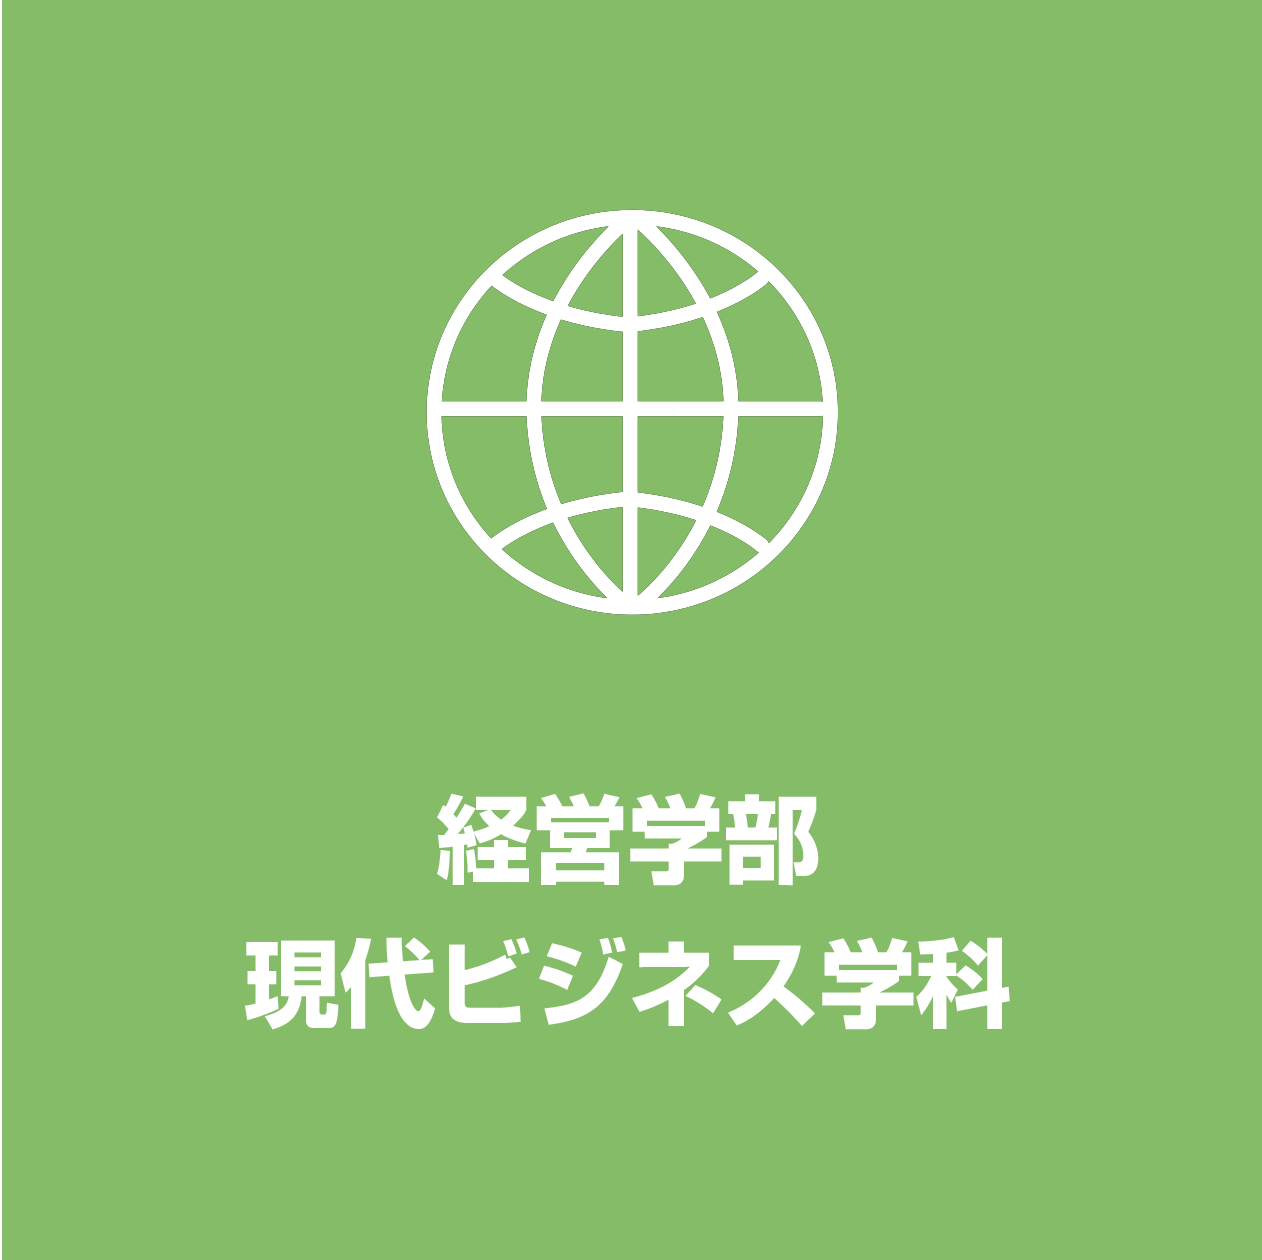 経営学部 現代ビジネス学科